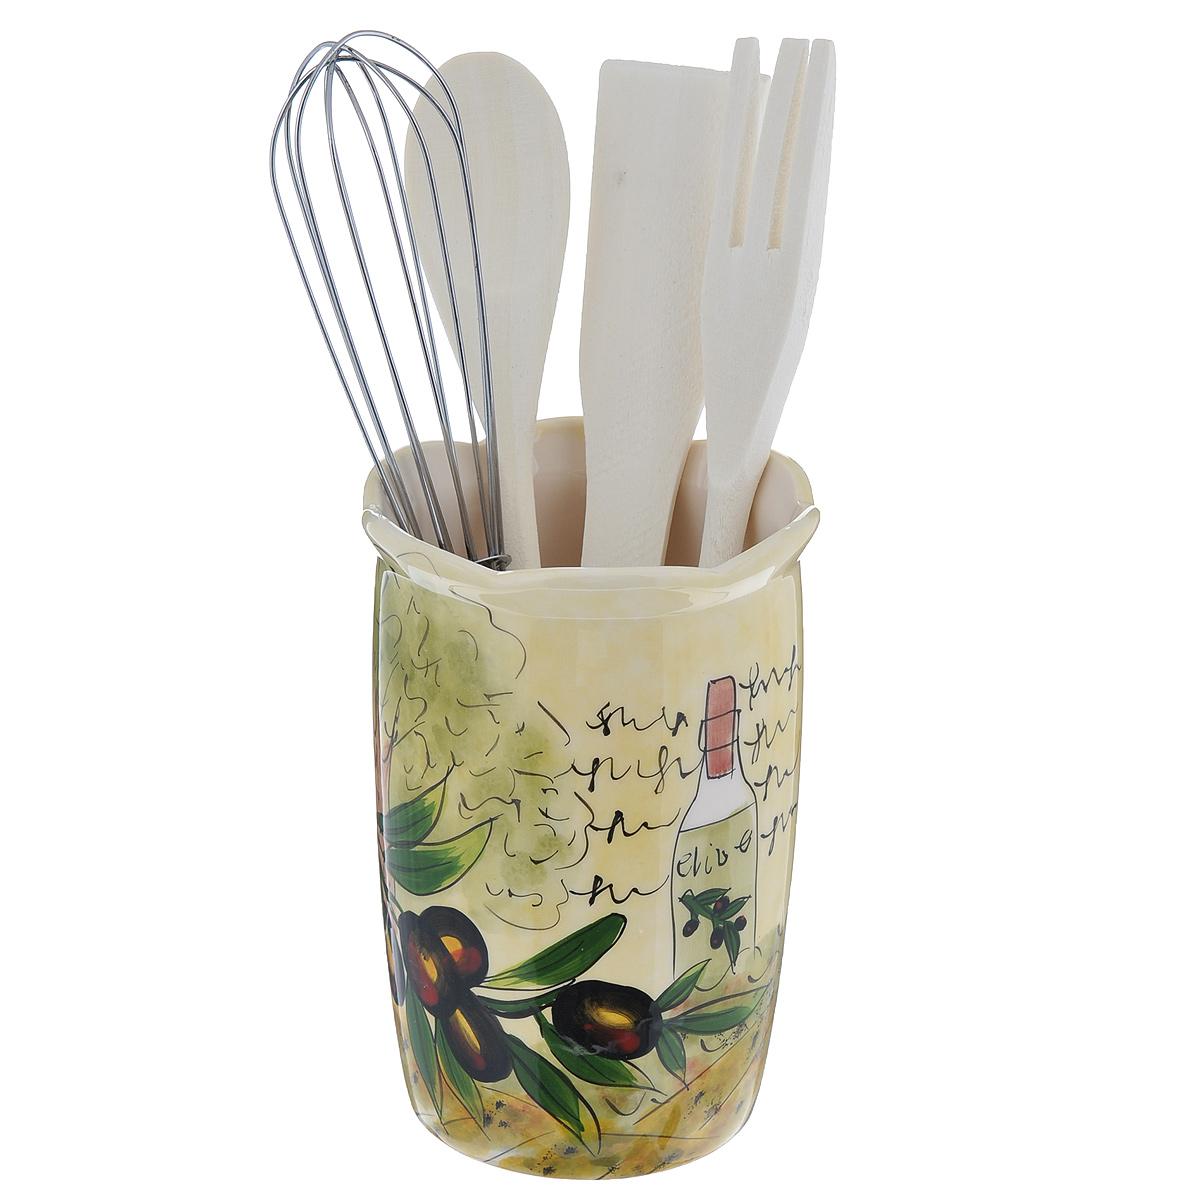 Набор кухонных принадлежностей Маслины, 5 предметовDFC02608-02208 5/SНабор кухонных принадлежностей Маслины состоит из лопатки, ложки, вилки, венчика и подставки. Лопатка, вилка и ложка выполнены из высококачественного дерева и предназначены для переворачивания, перемешивания различных блюд. Металлический венчик будет незаменим для приготовления теста или крема. Предметы набора хранятся в отдельной керамической подставке, декорированной изображением маслин. Оригинальный дизайн, эстетичность и функциональность набора позволят ему стать достойным дополнением к кухонному инвентарю. Можно мыть в посудомоечной машине на минимальной температуре.